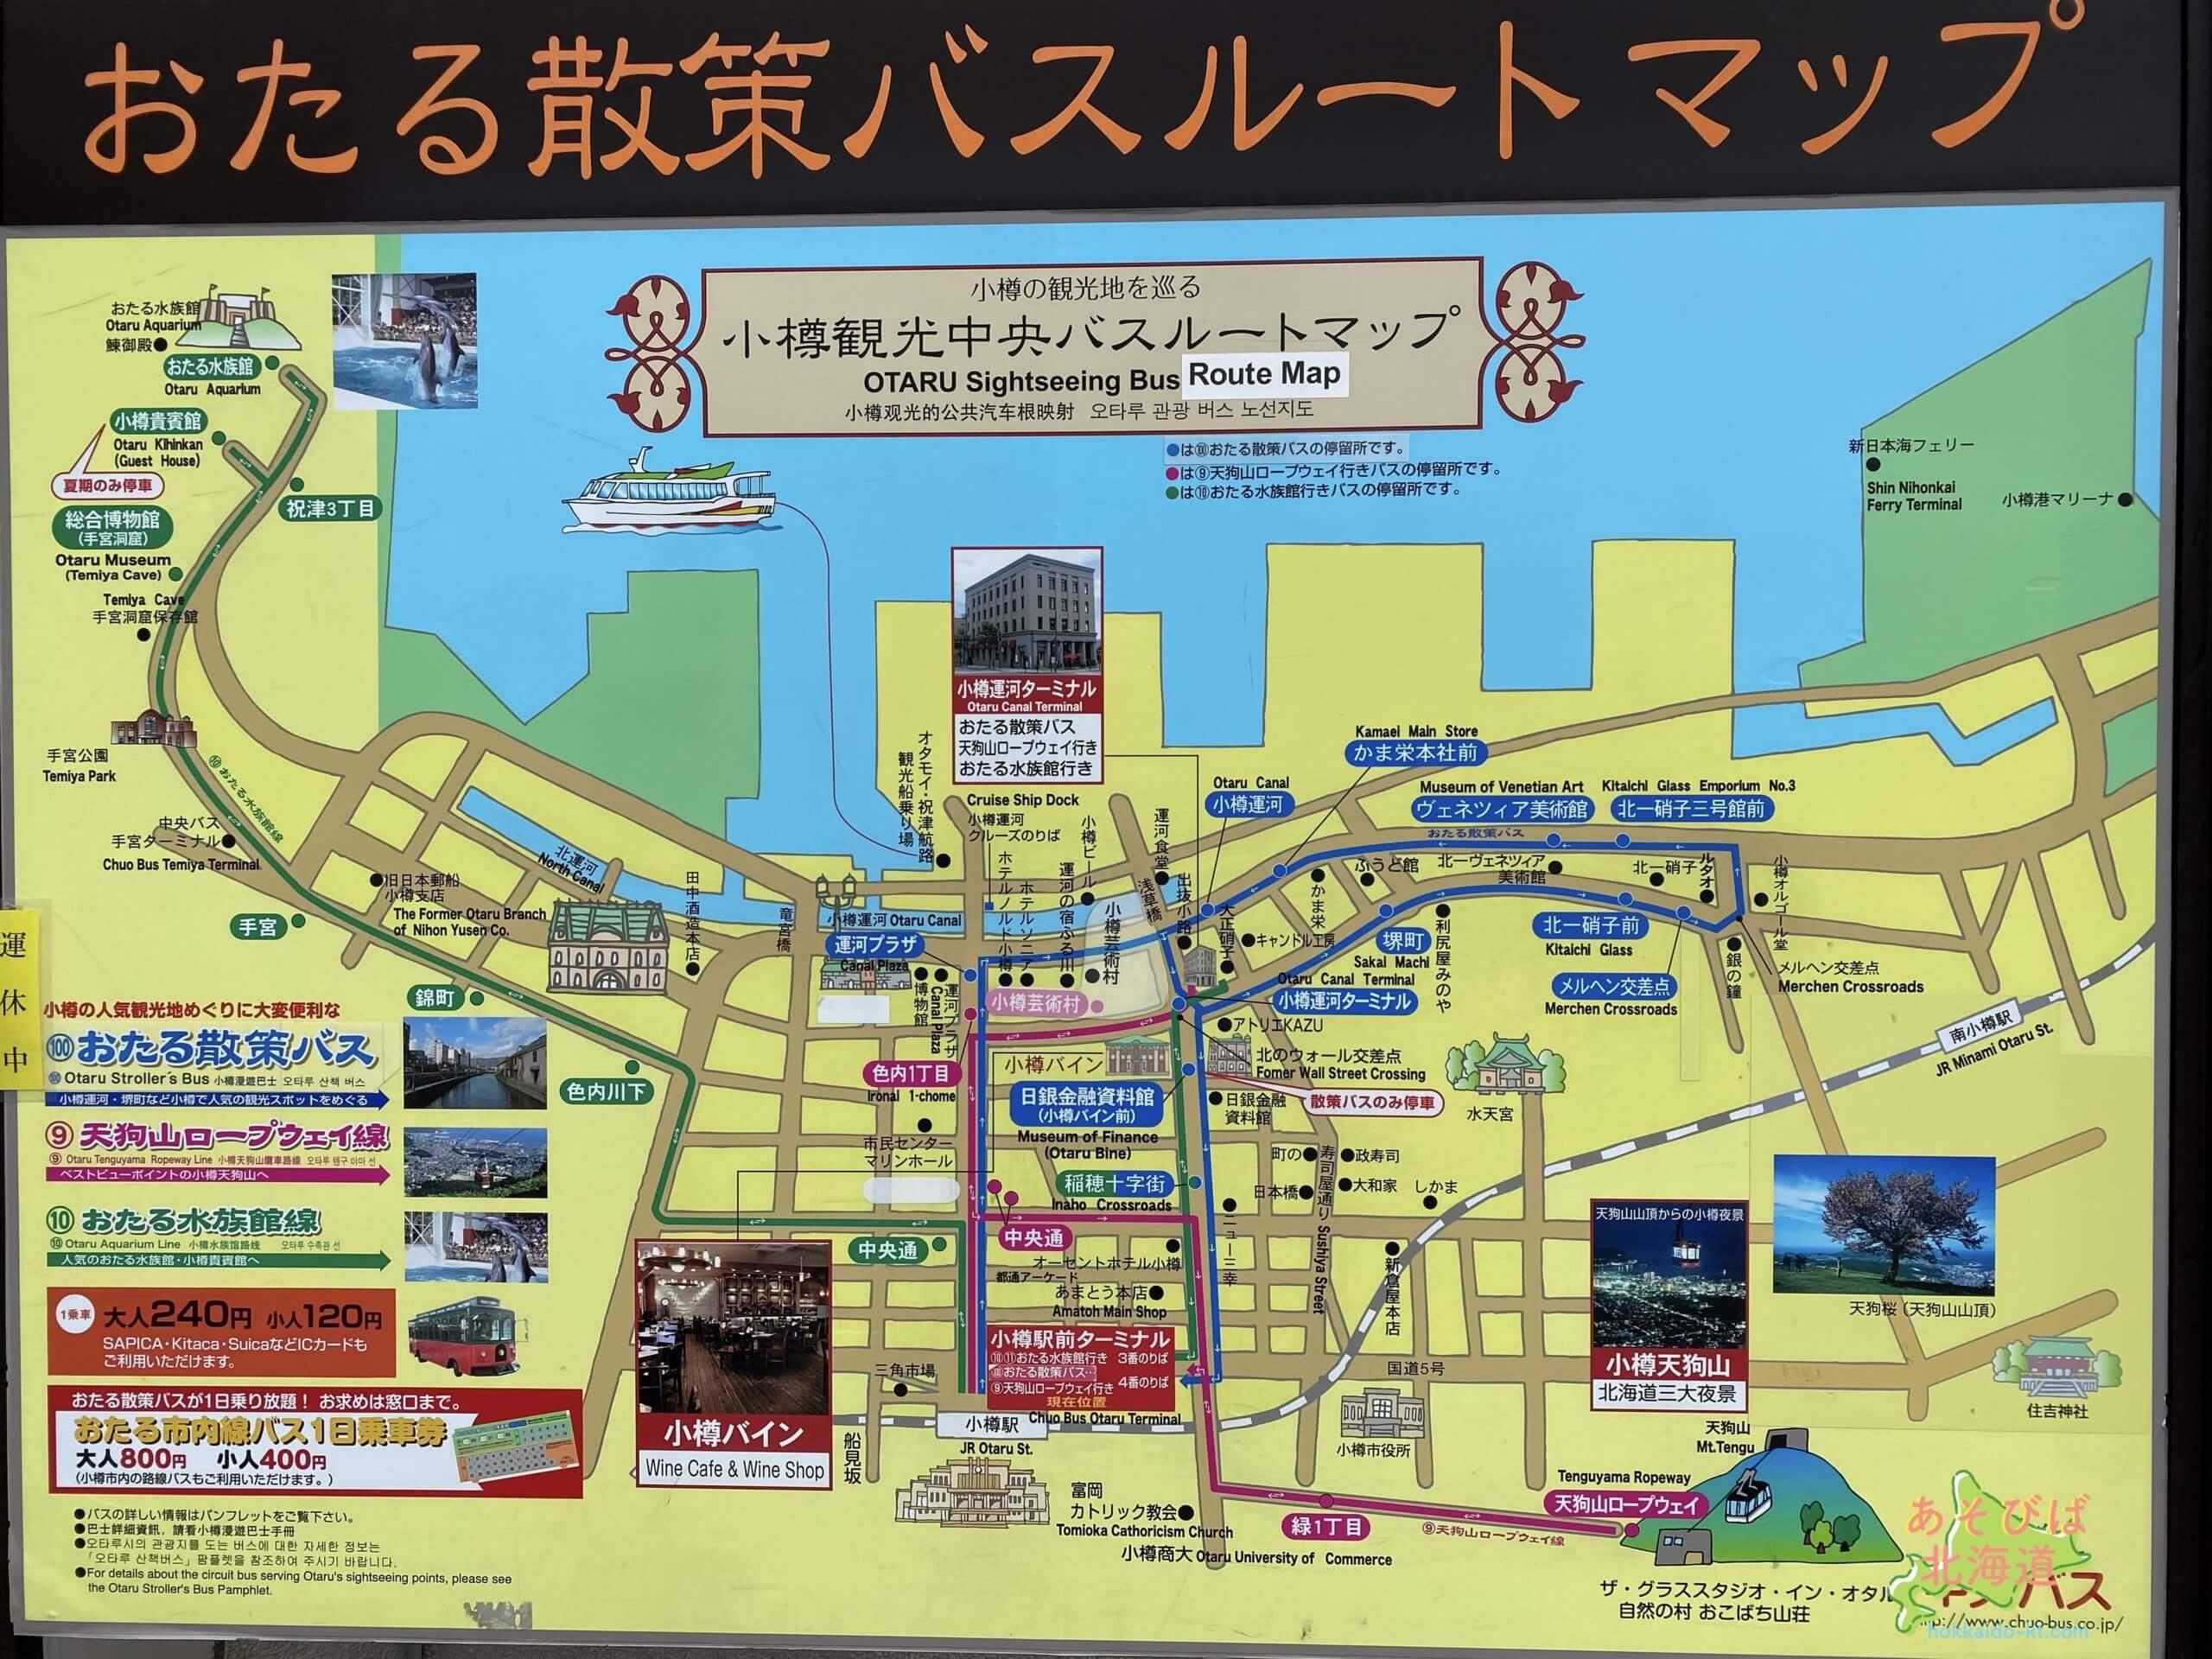 小樽観光バスルート地図